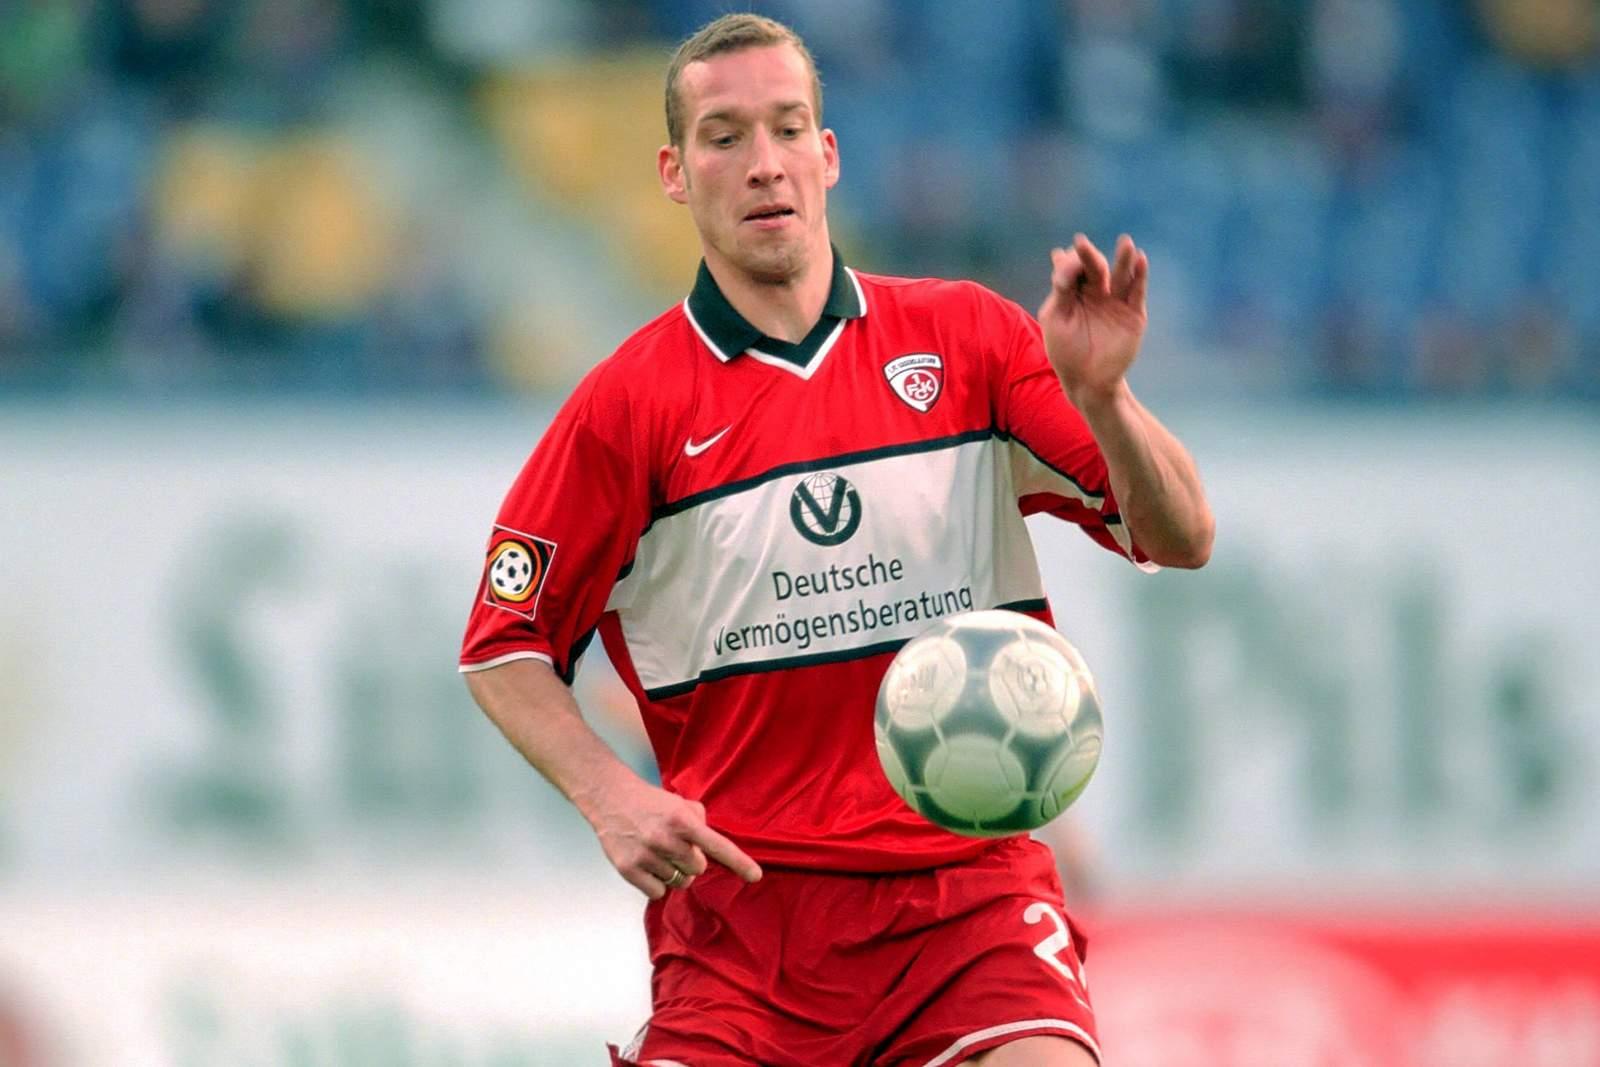 Jeff Strasser, neuer Trainer in Kaiserslautern